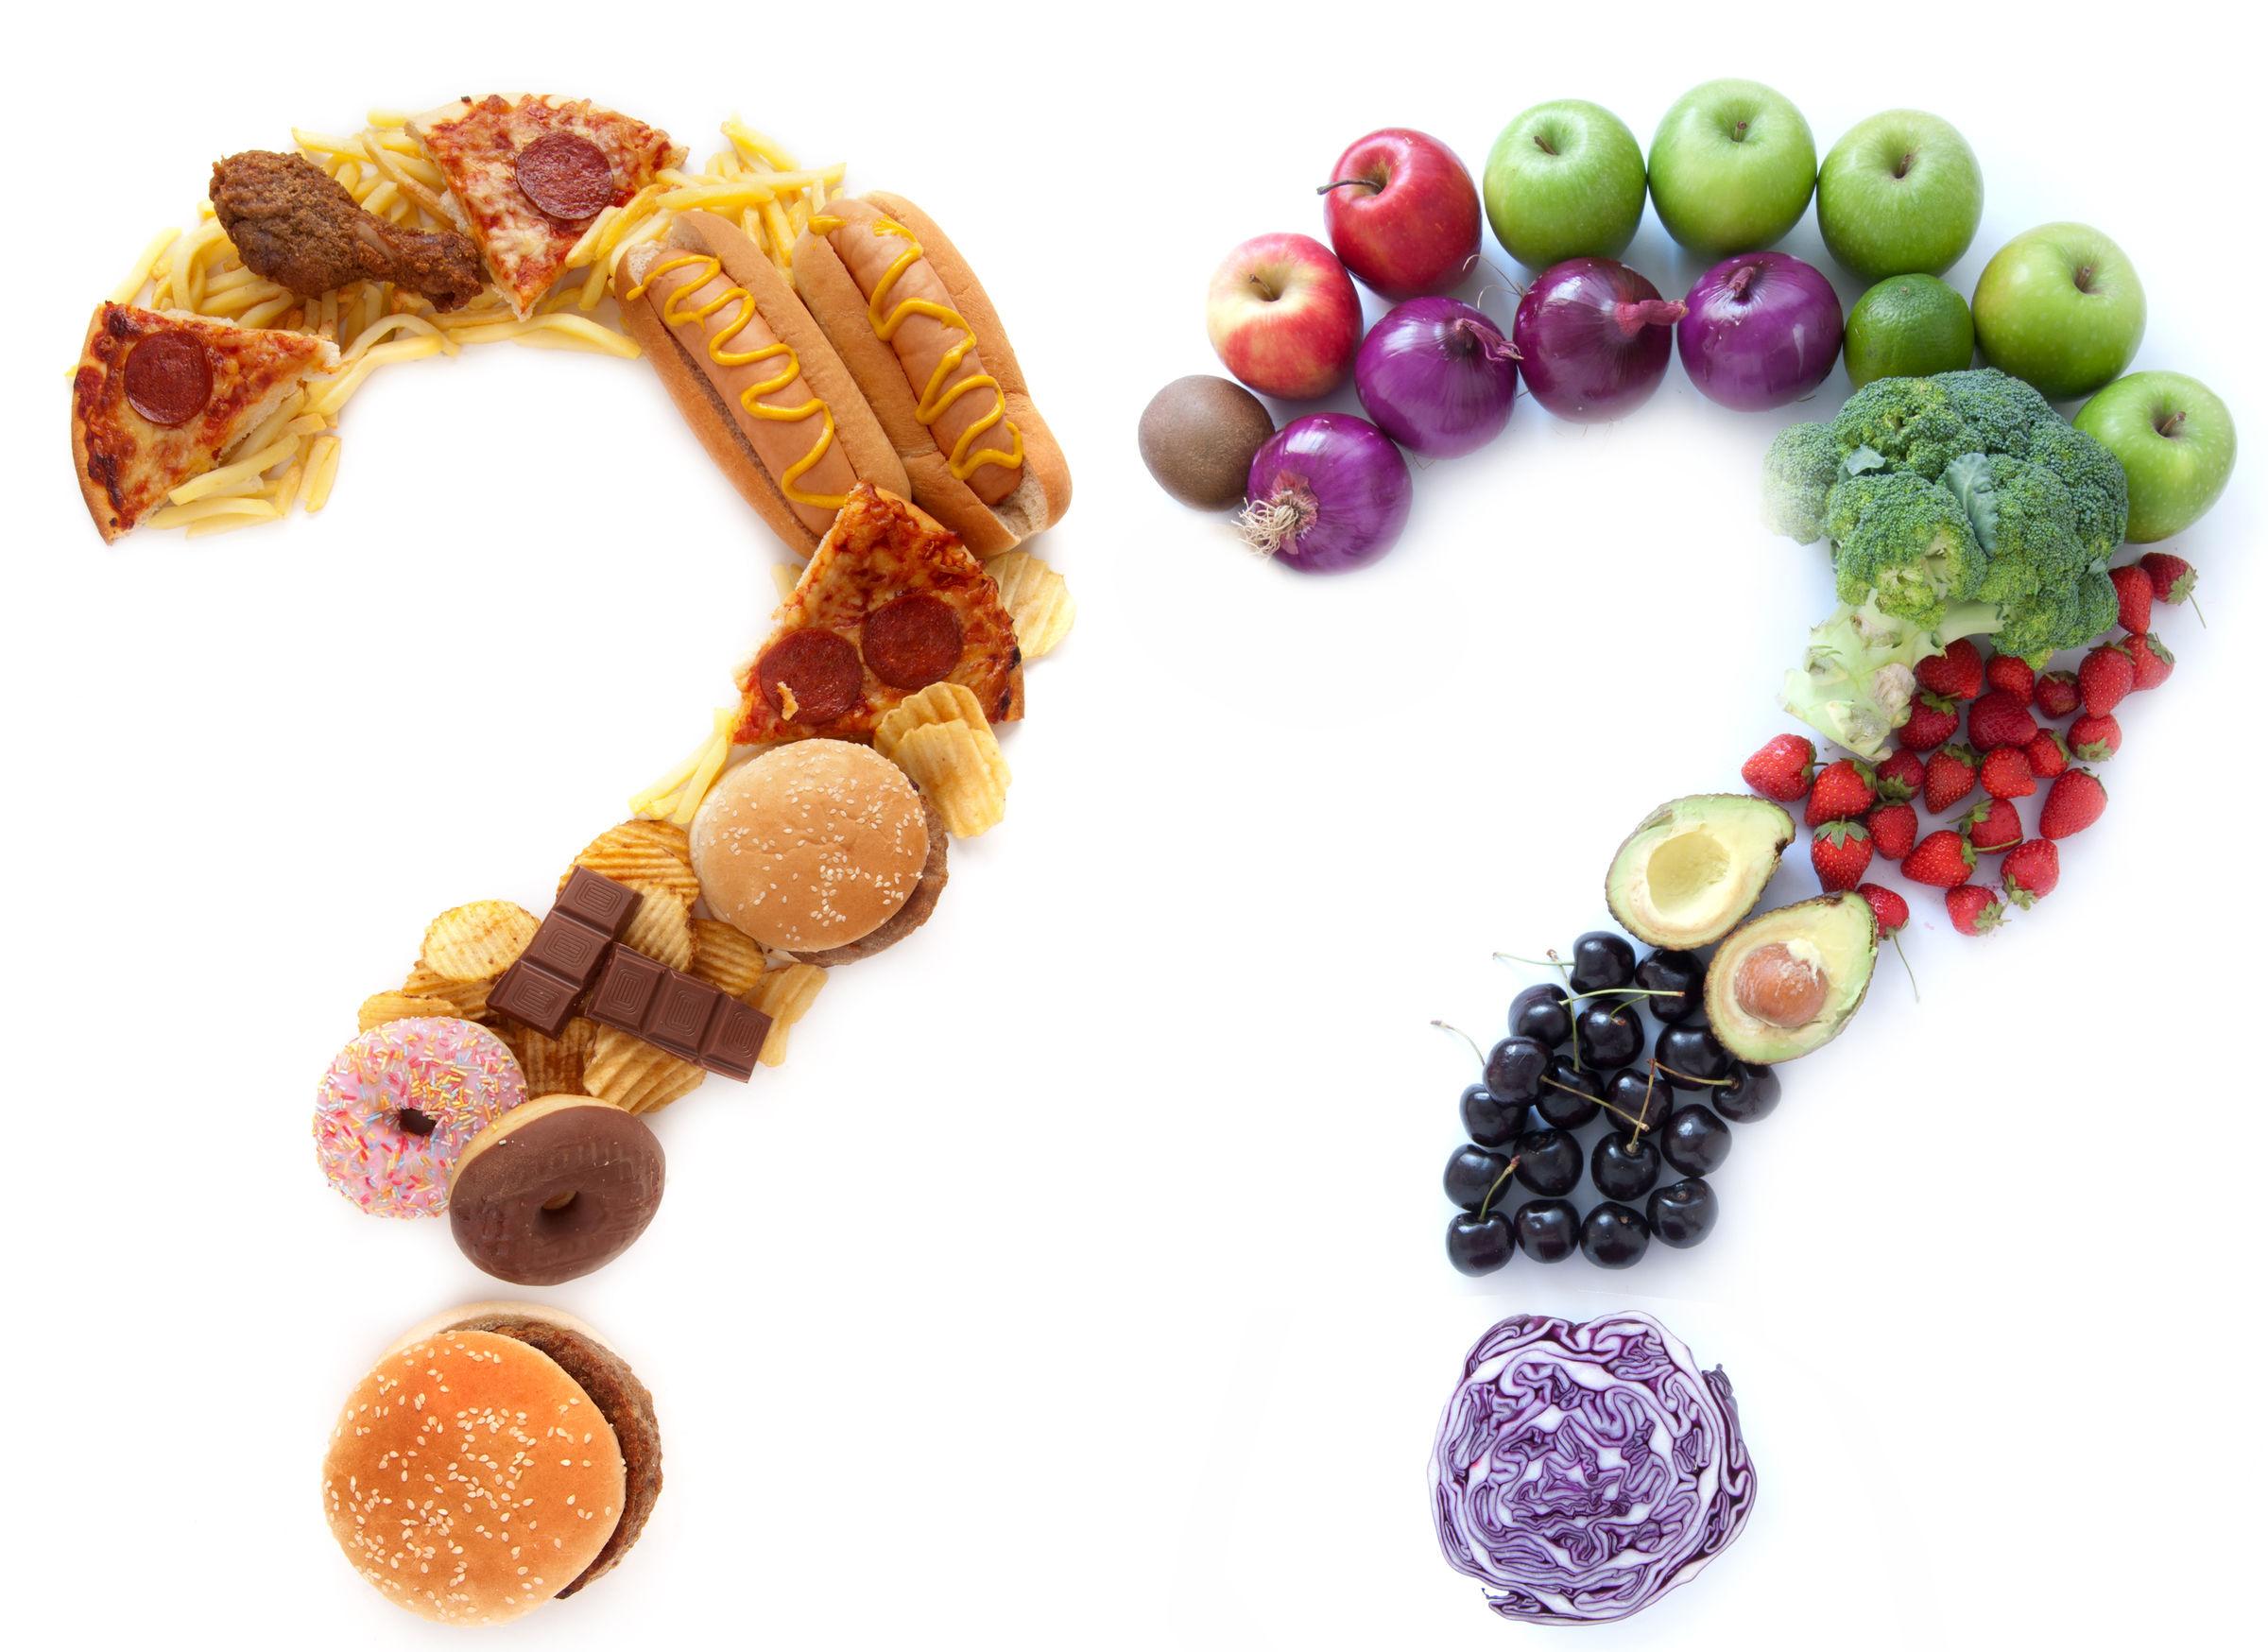 El colesterol y el azúcar. ¿Qué nos enferma?